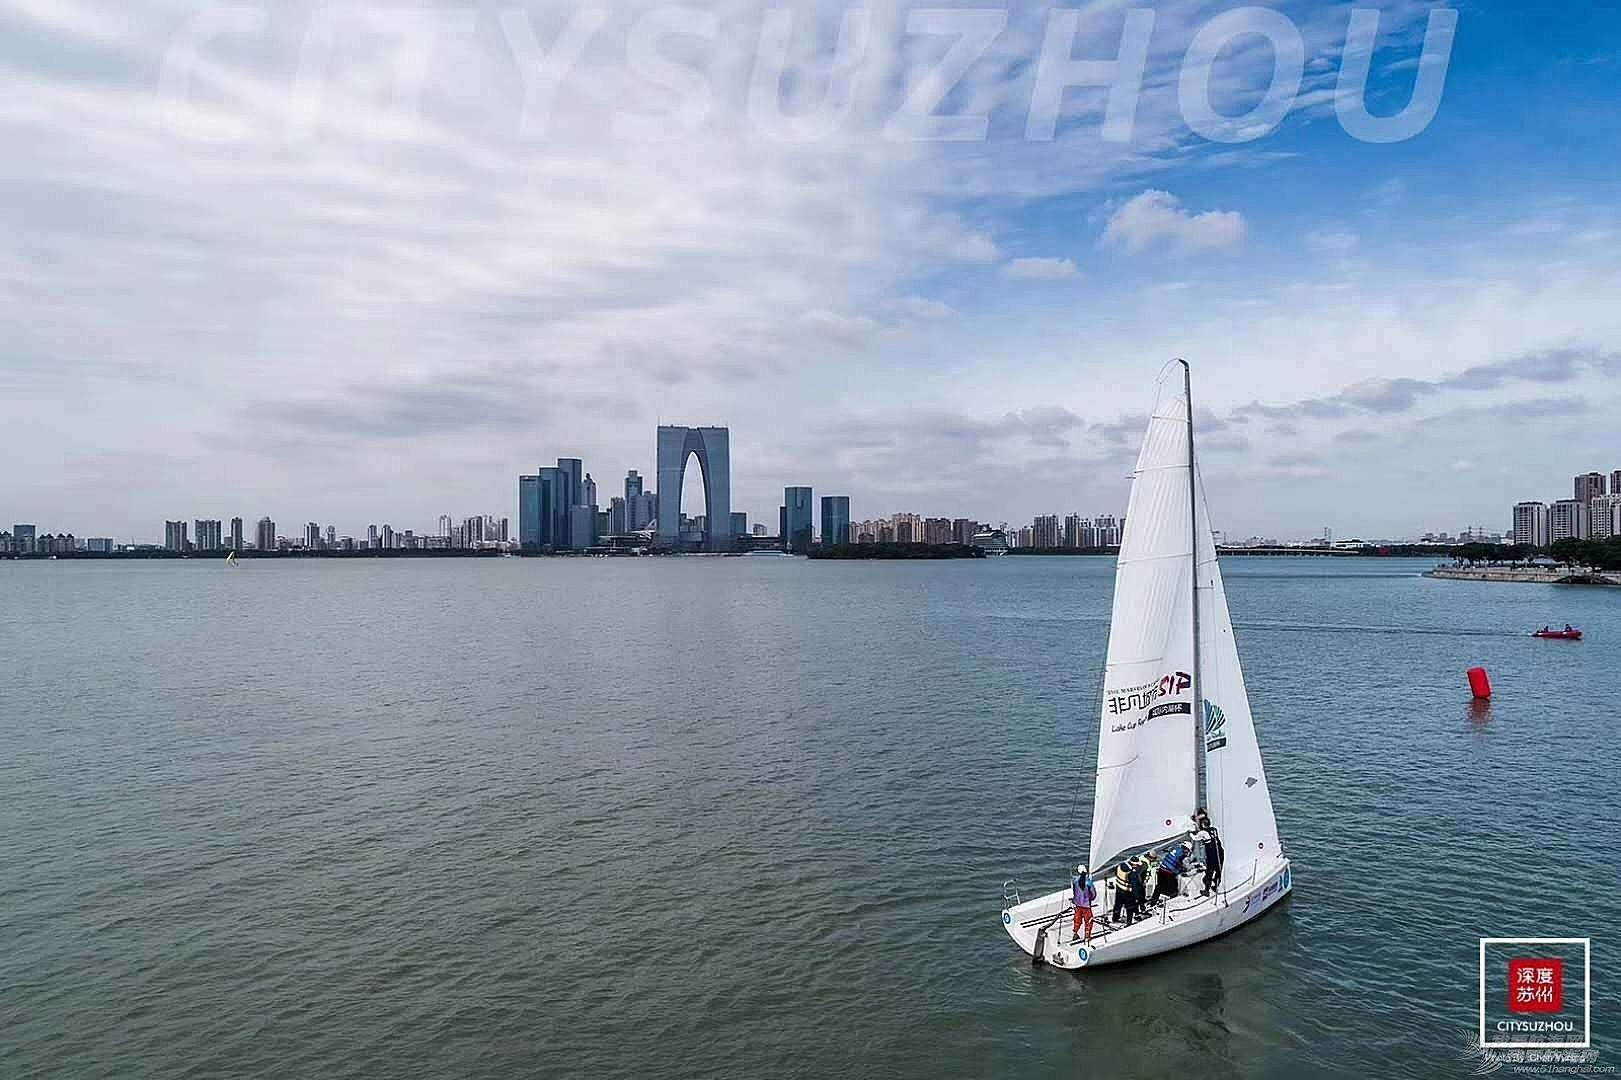 我要去航海—— 城际内湖杯2017金鸡湖帆船赛汇总贴